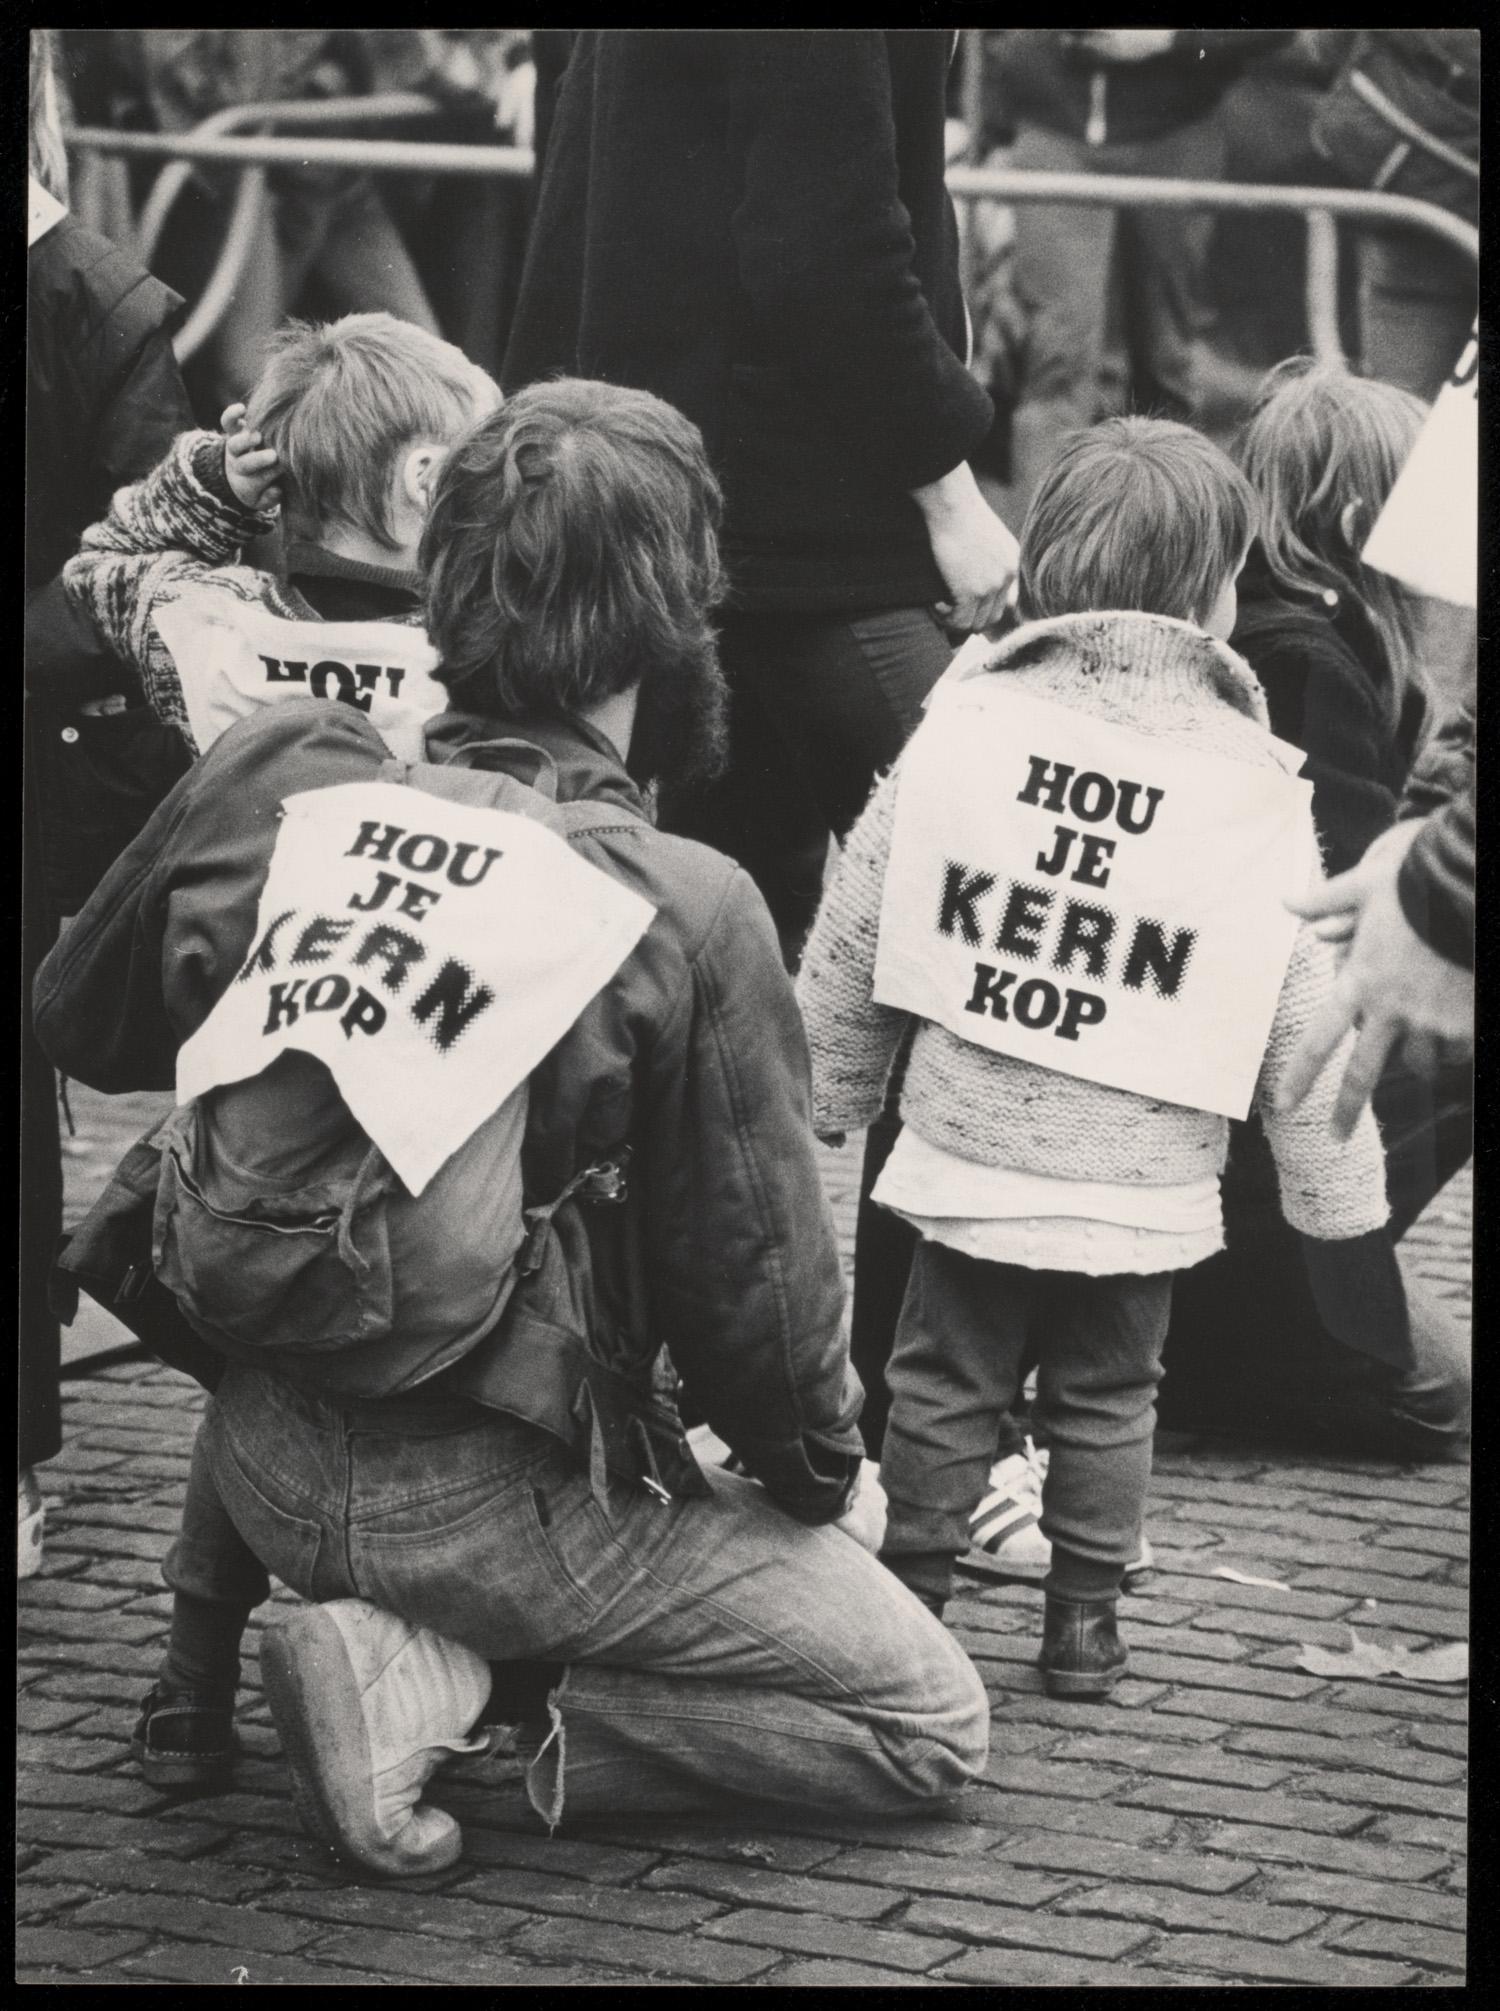 Demonstratie tegen kernwapens amsterdam 1978 het for Demonstratie amsterdam